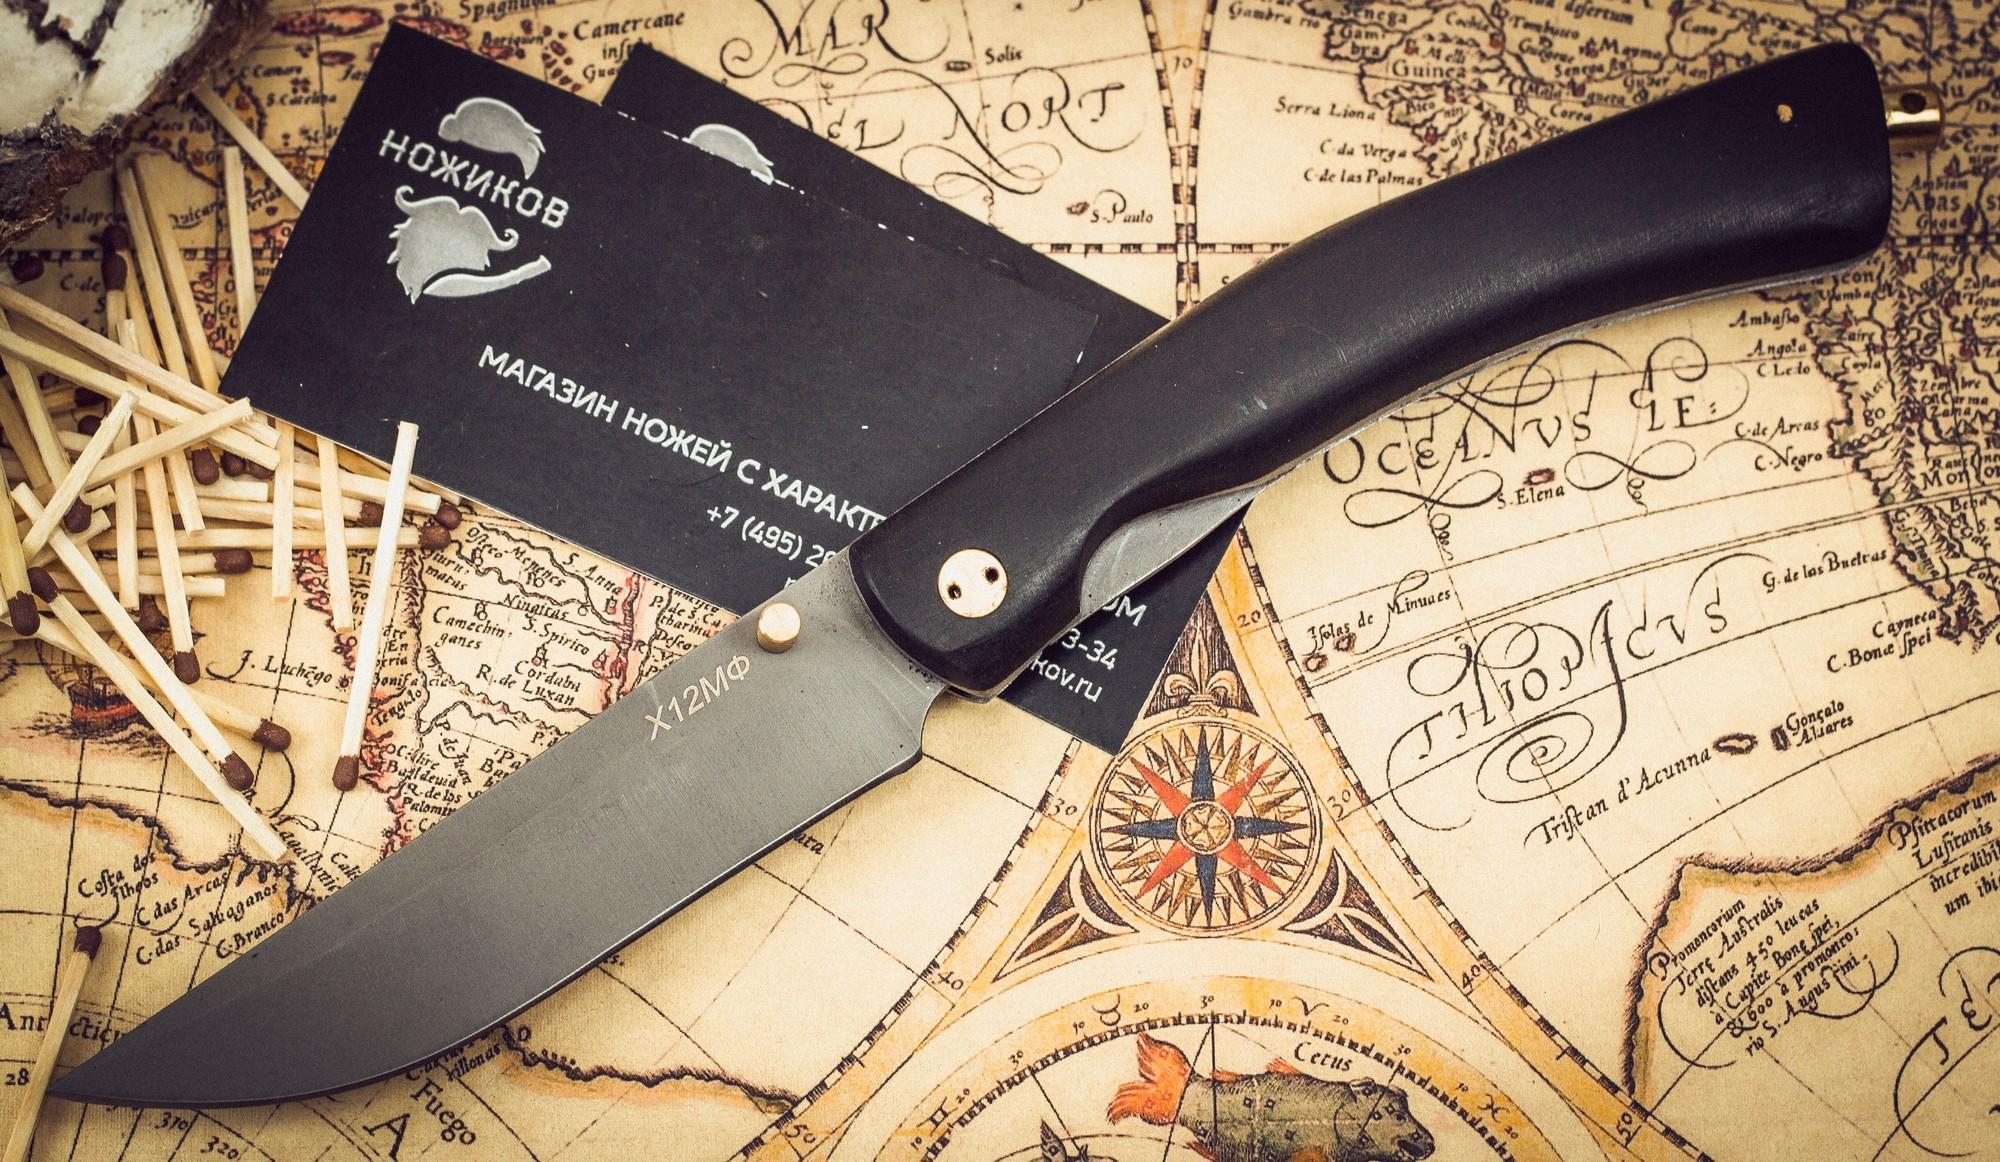 Купить Складной нож Кайрос, сталь Х12МФ, граб от Марычев в России